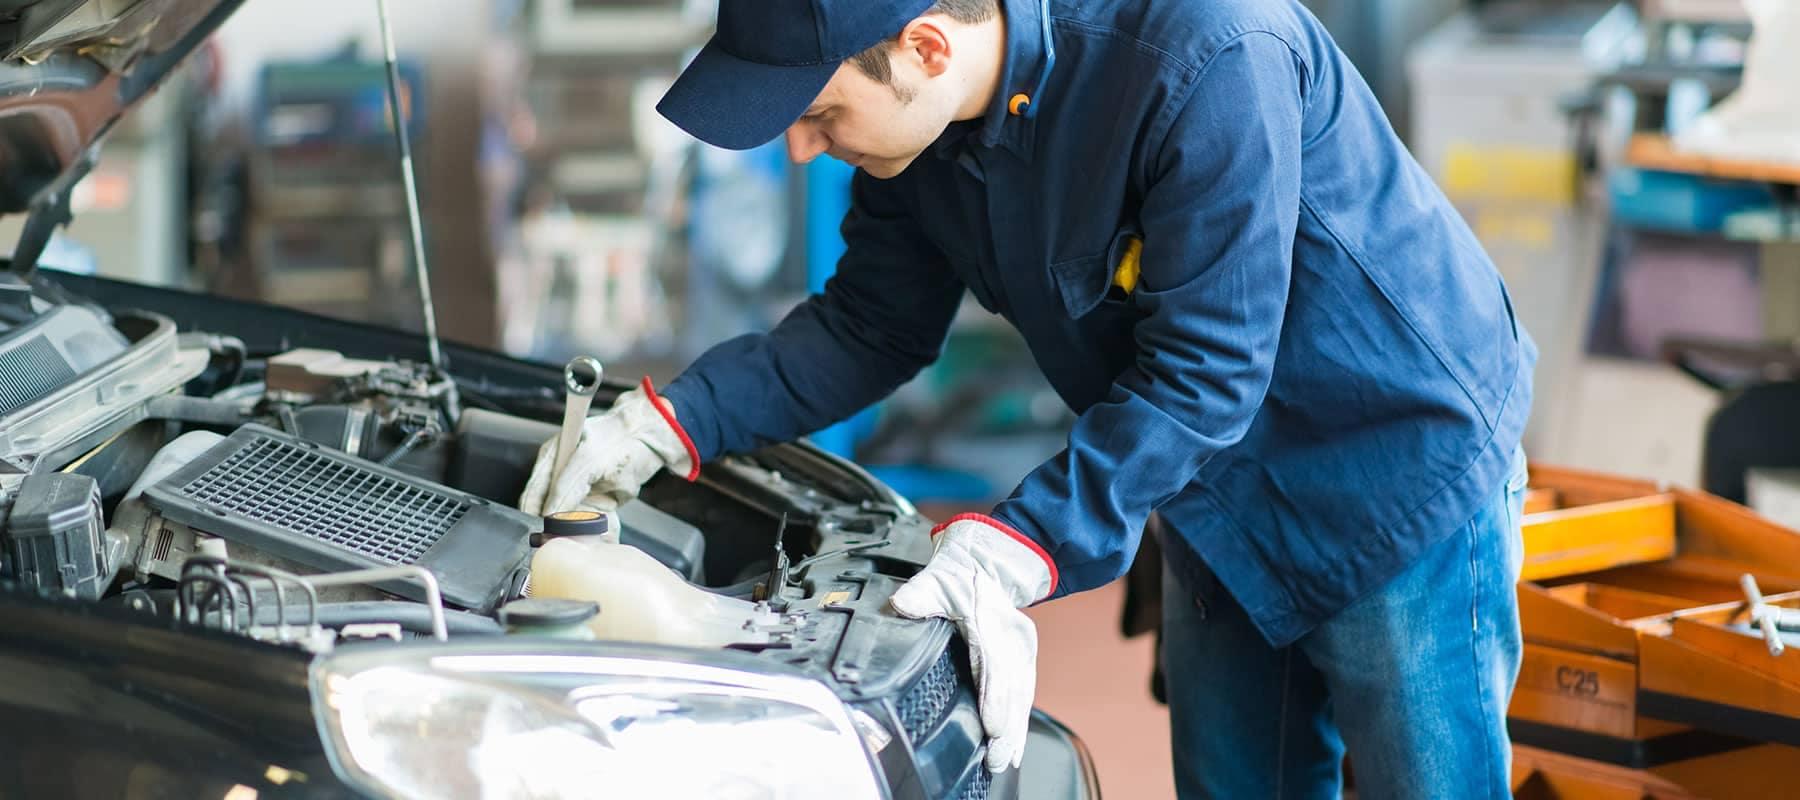 technician repairs car engine